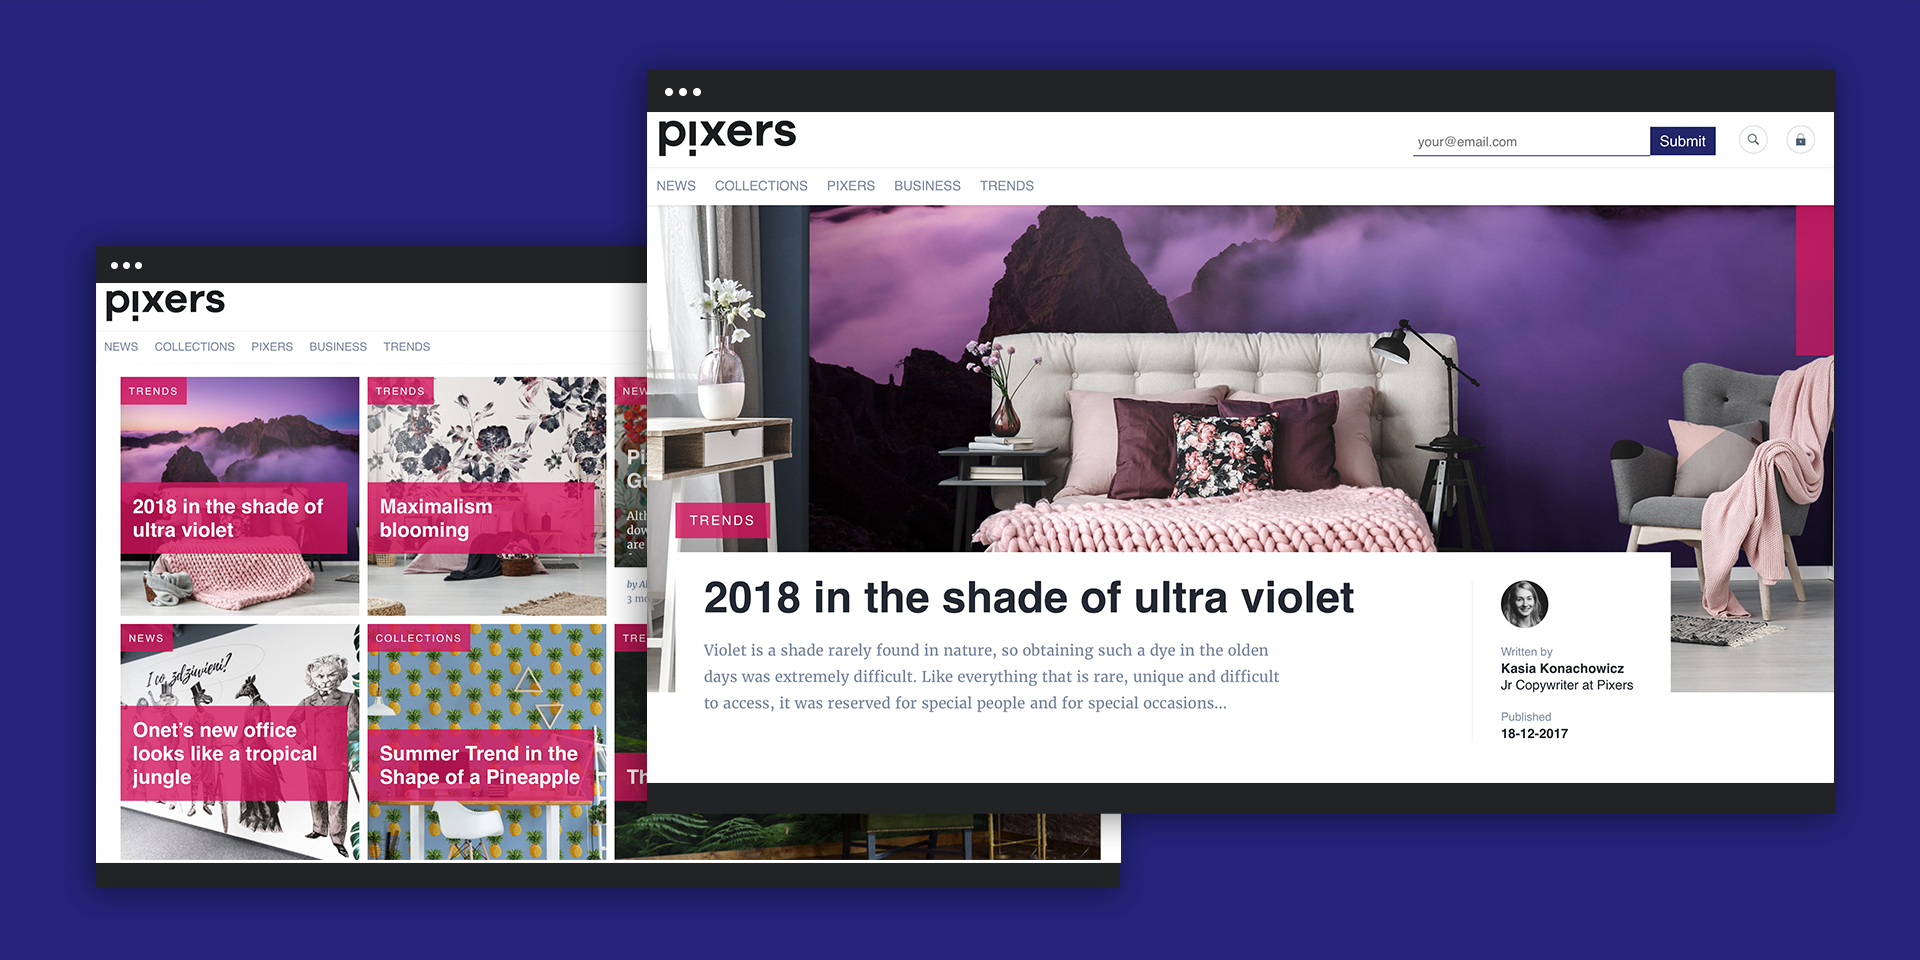 Pixers: dobry PR wspiera markę, umacnia jej pozycję i pozwala jej trafić do szerszego grona klientów [case study]